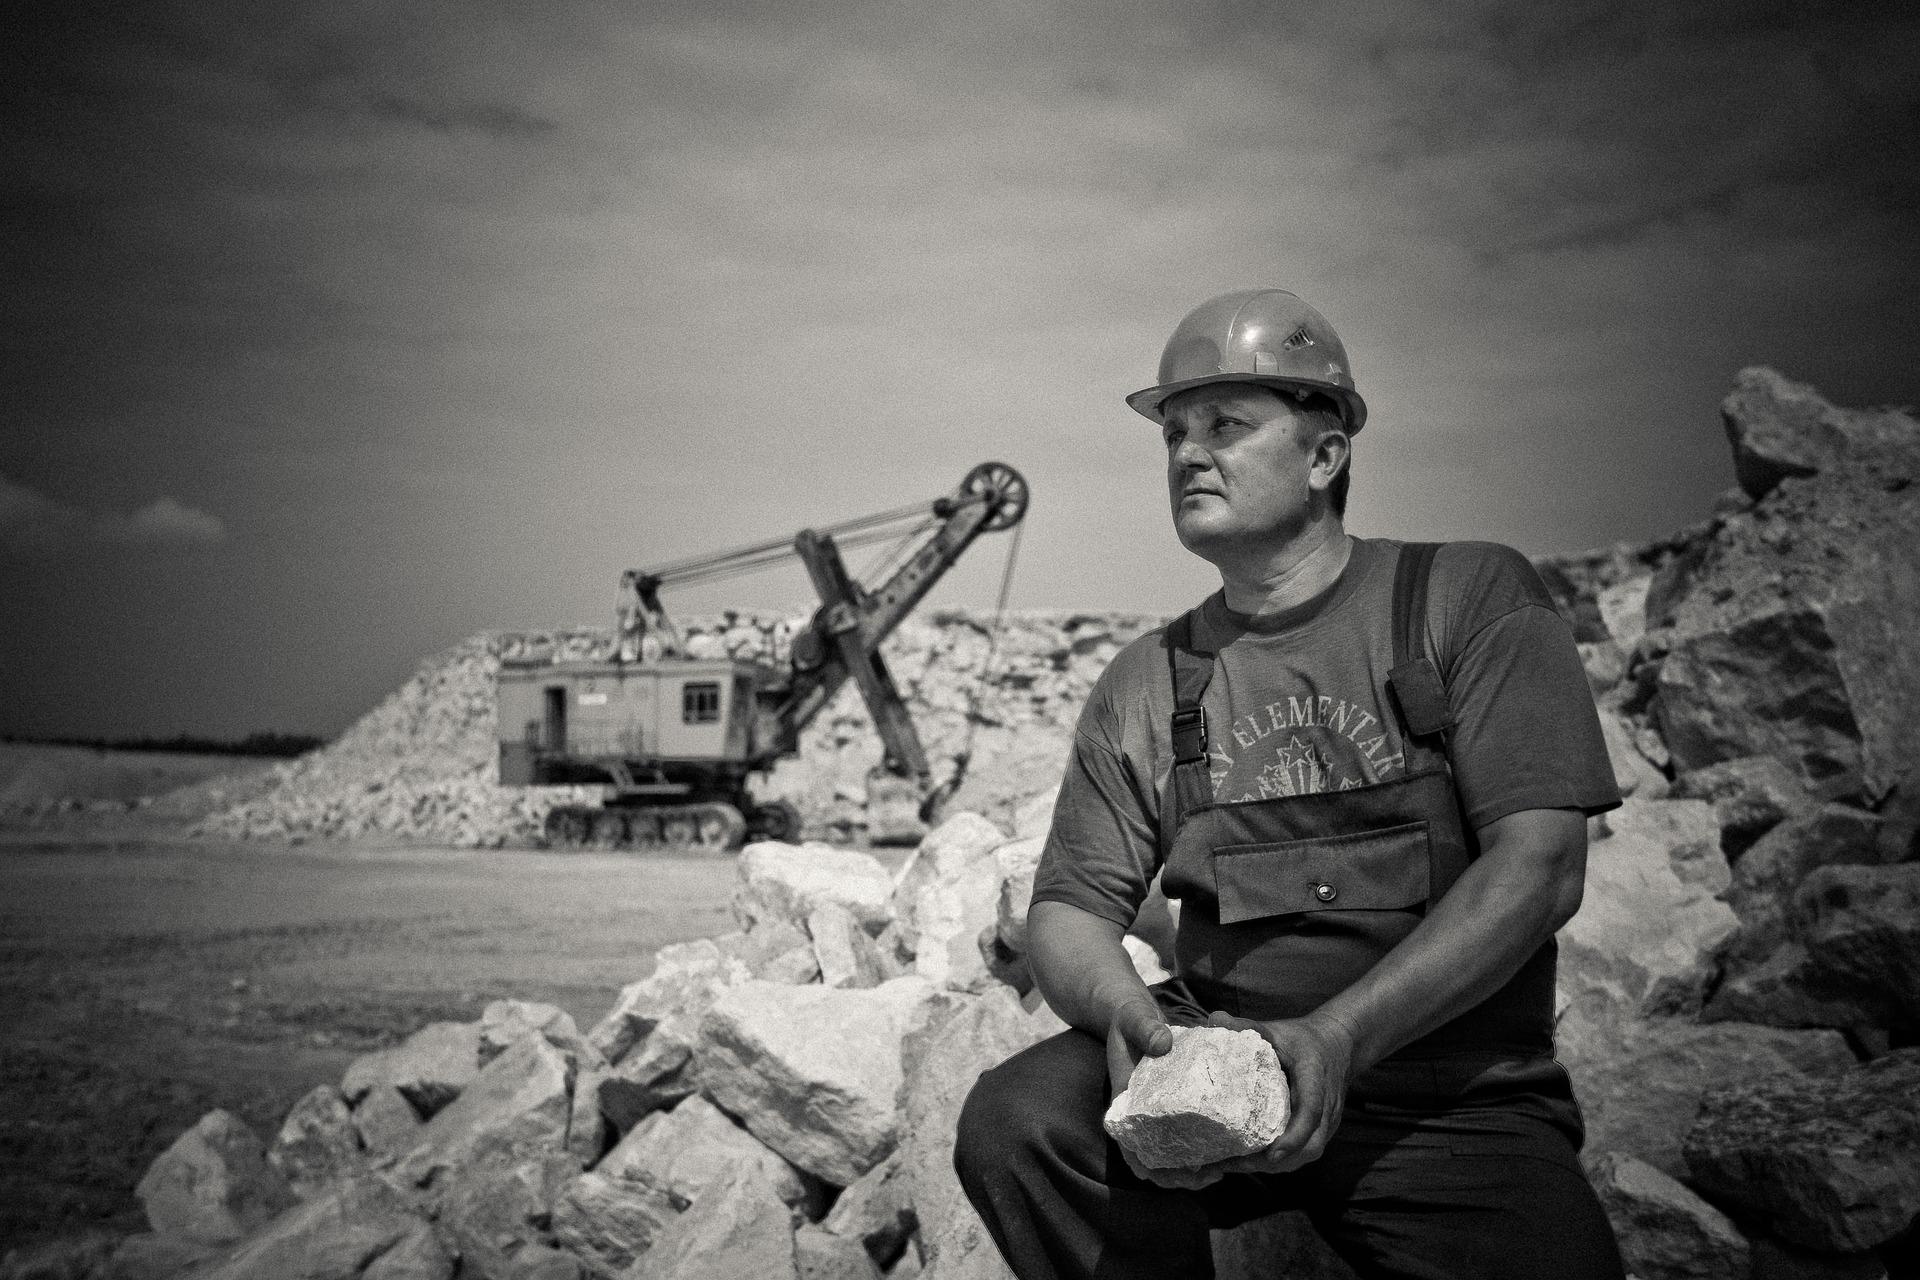 Worker-1867771_1920